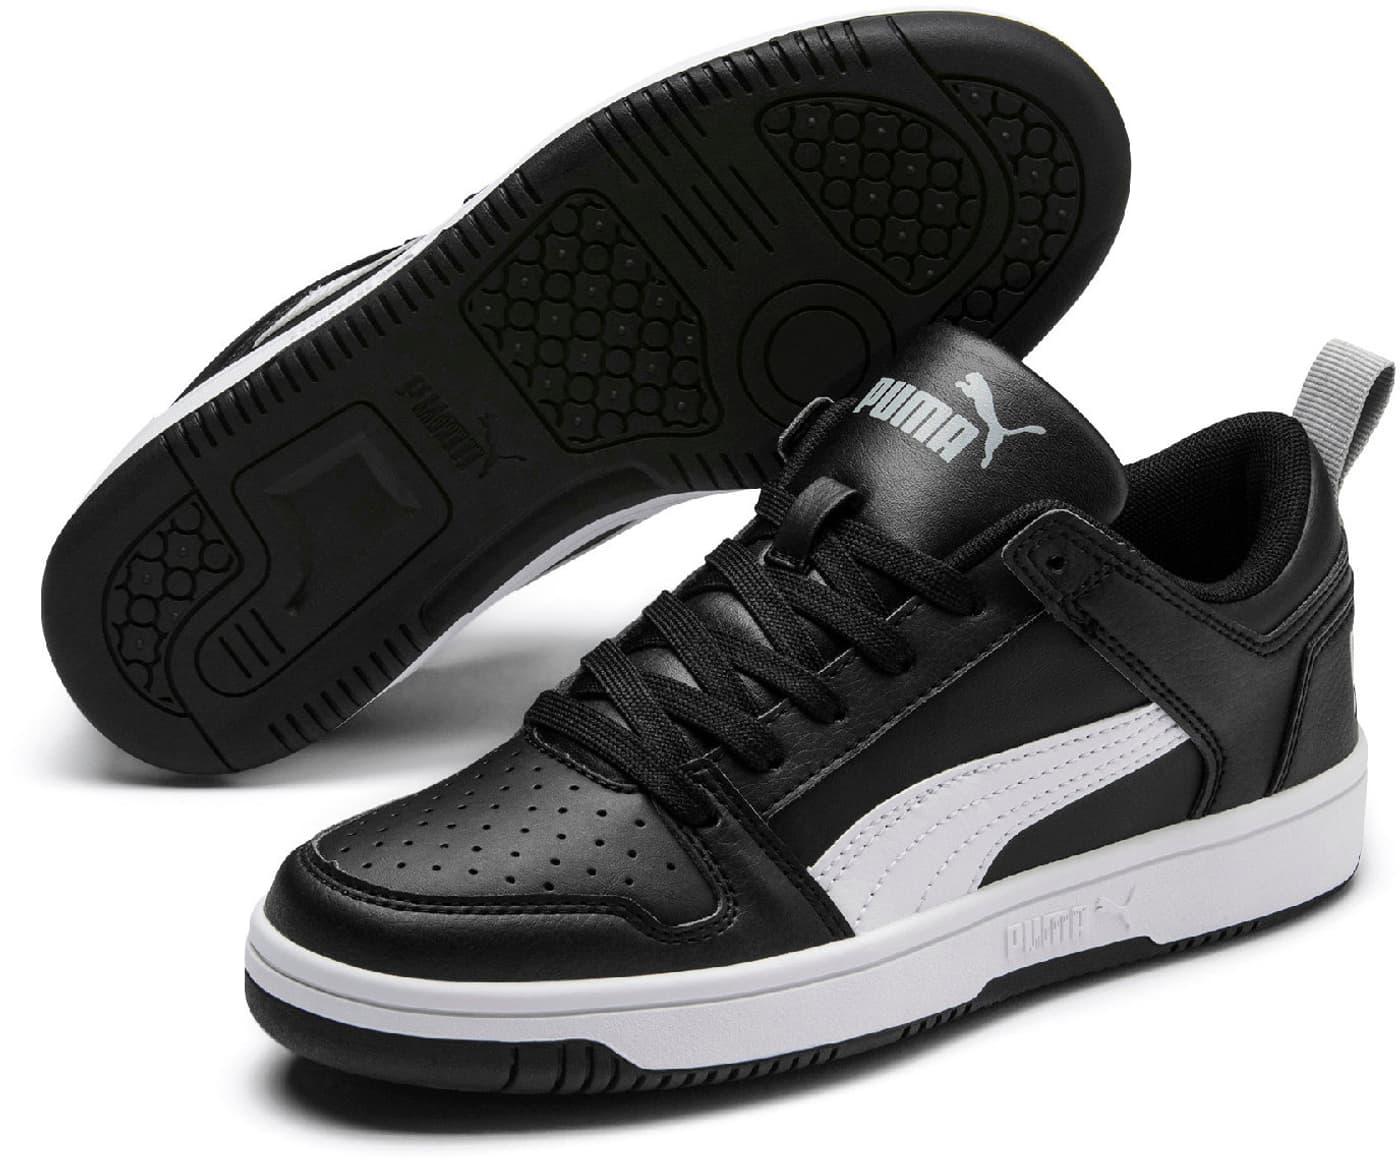 De Sl Enfant Rebound Lo Loisirs Layup Chaussures Puma Pour rQWxBedCoE